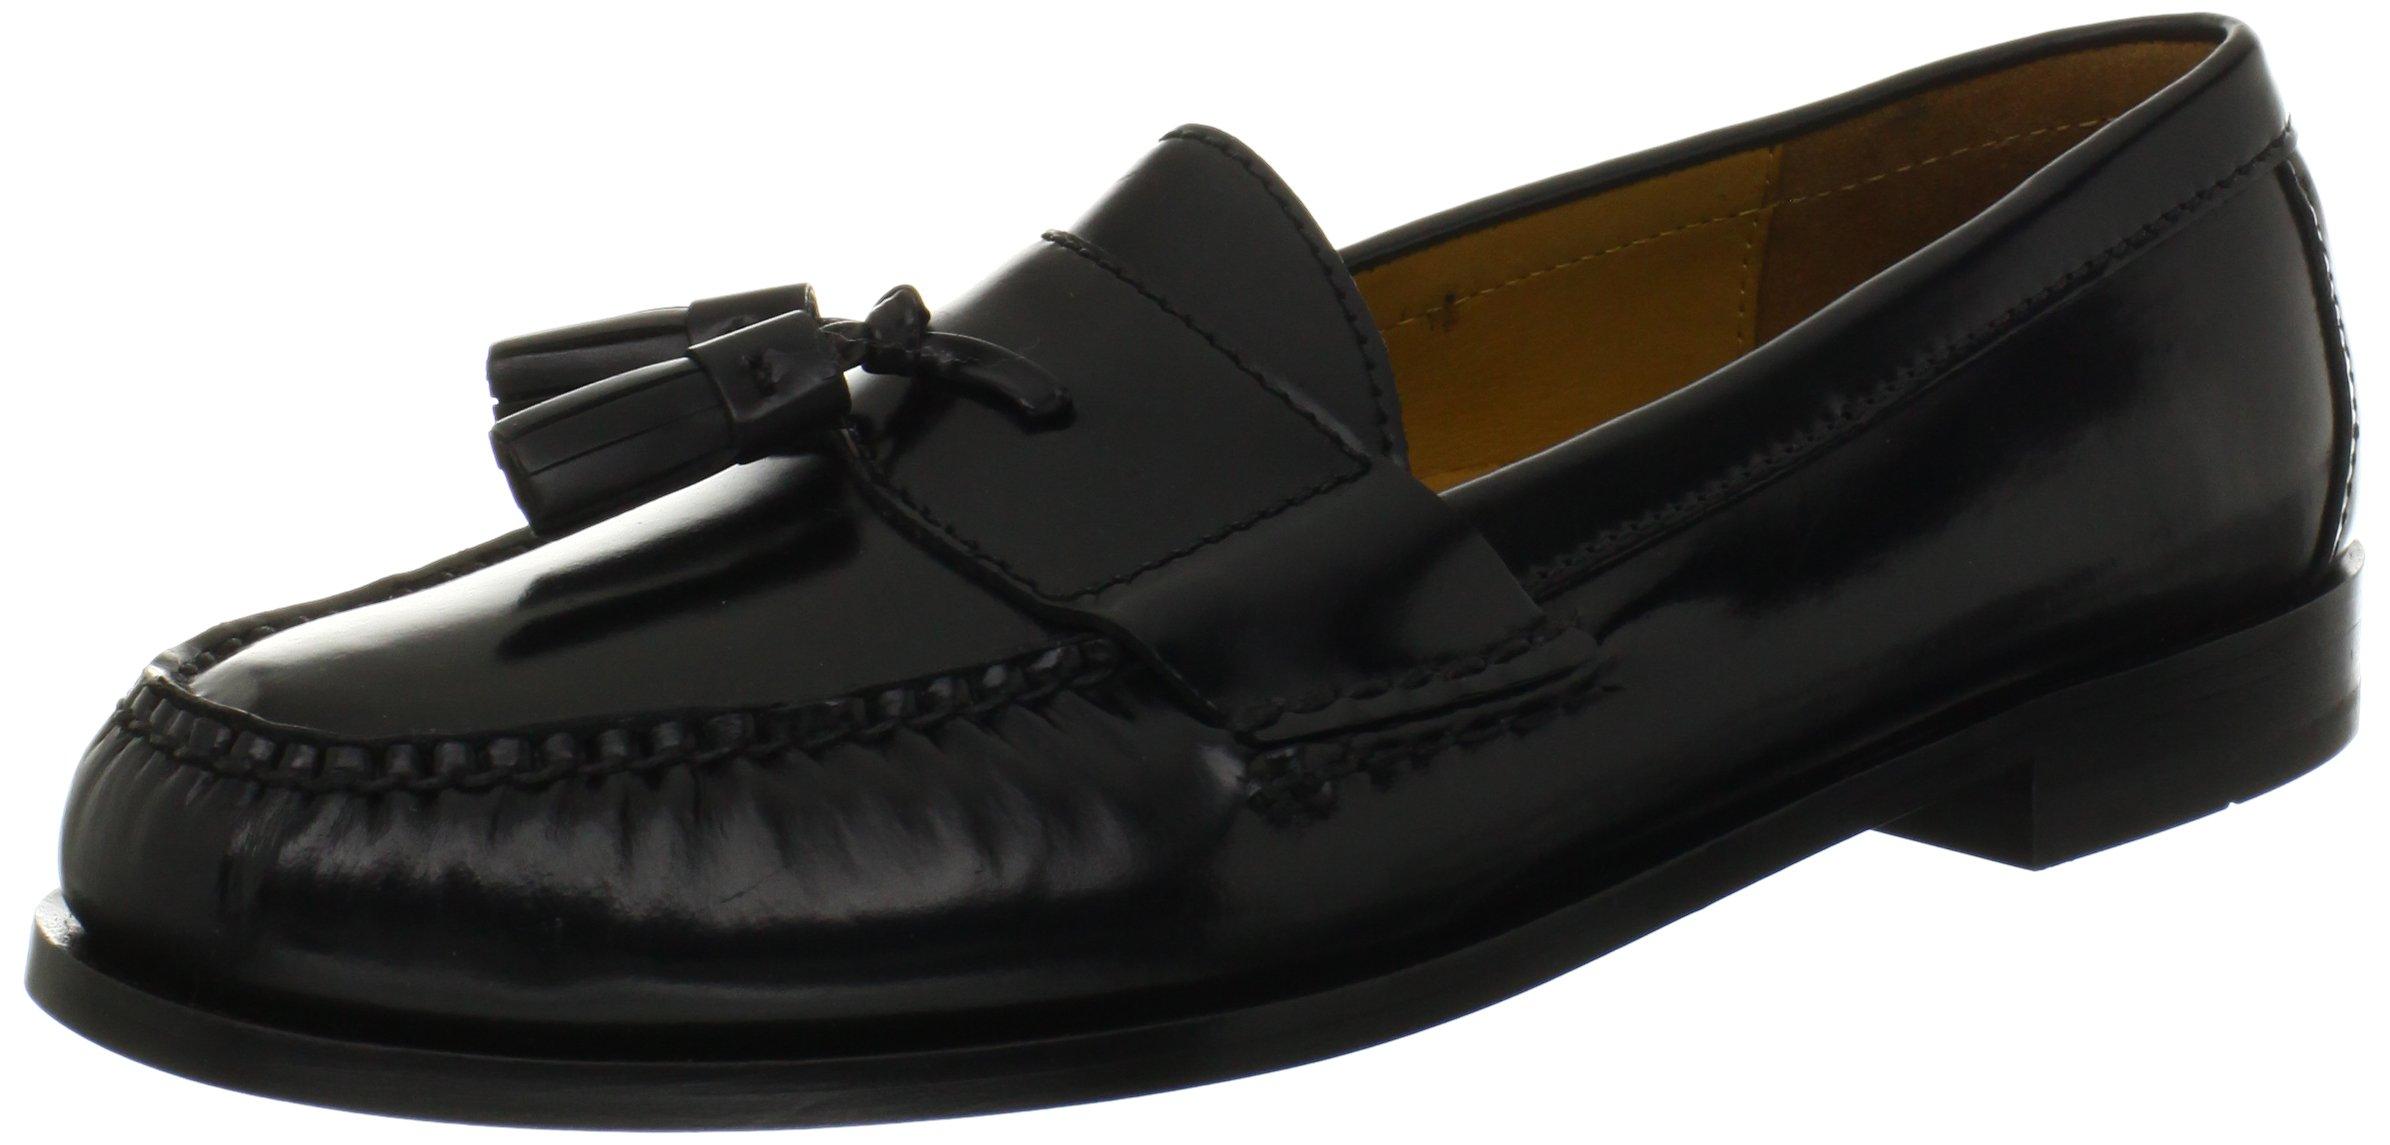 Cole Haan Men's Pinch Tassel Loafer, Black, 12 D US